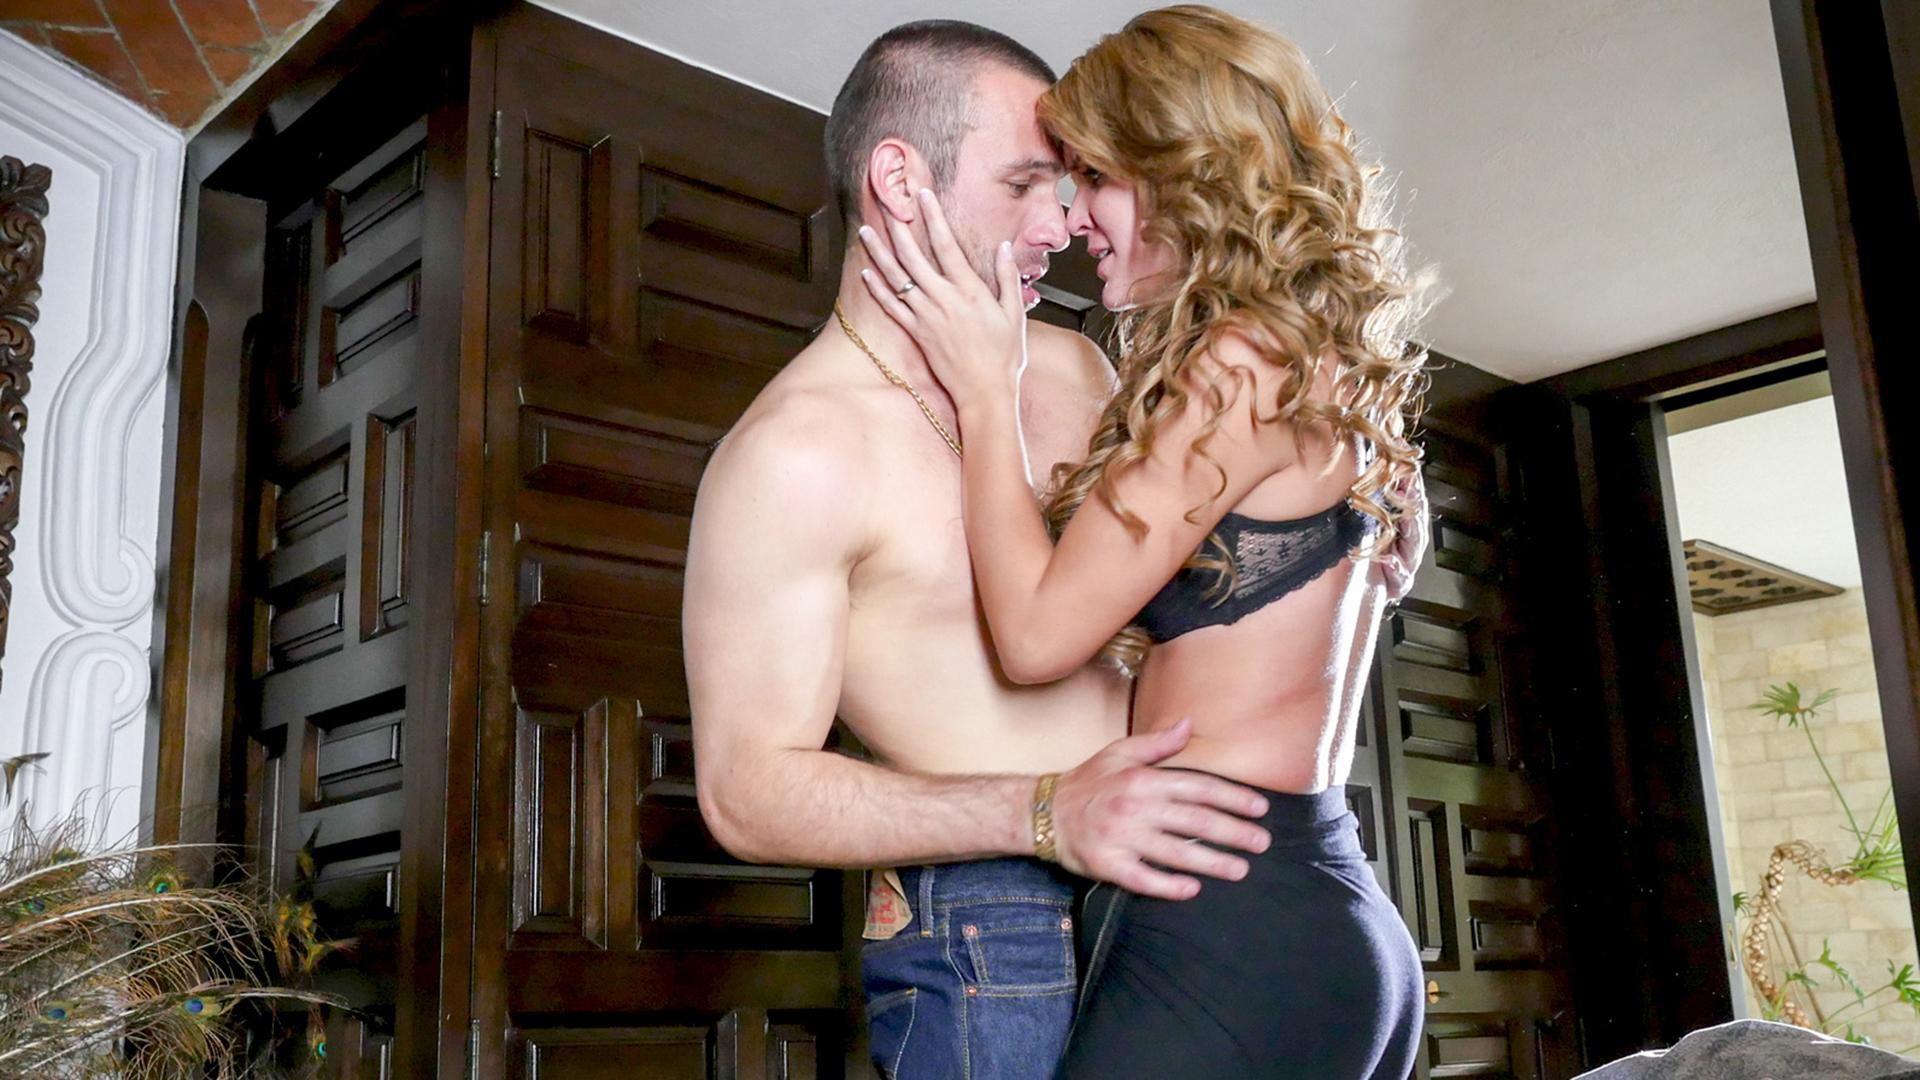 Brunette giving oral sex